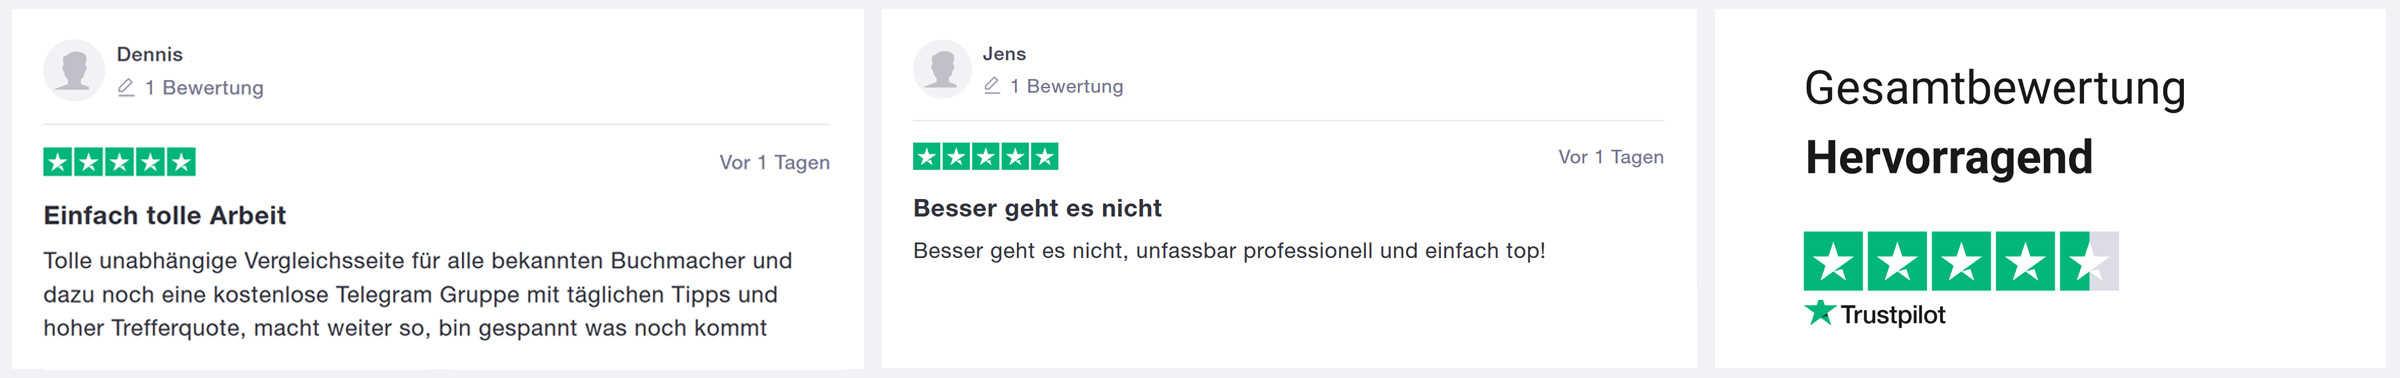 Trustpilotbewertungen für wettbonus360.com